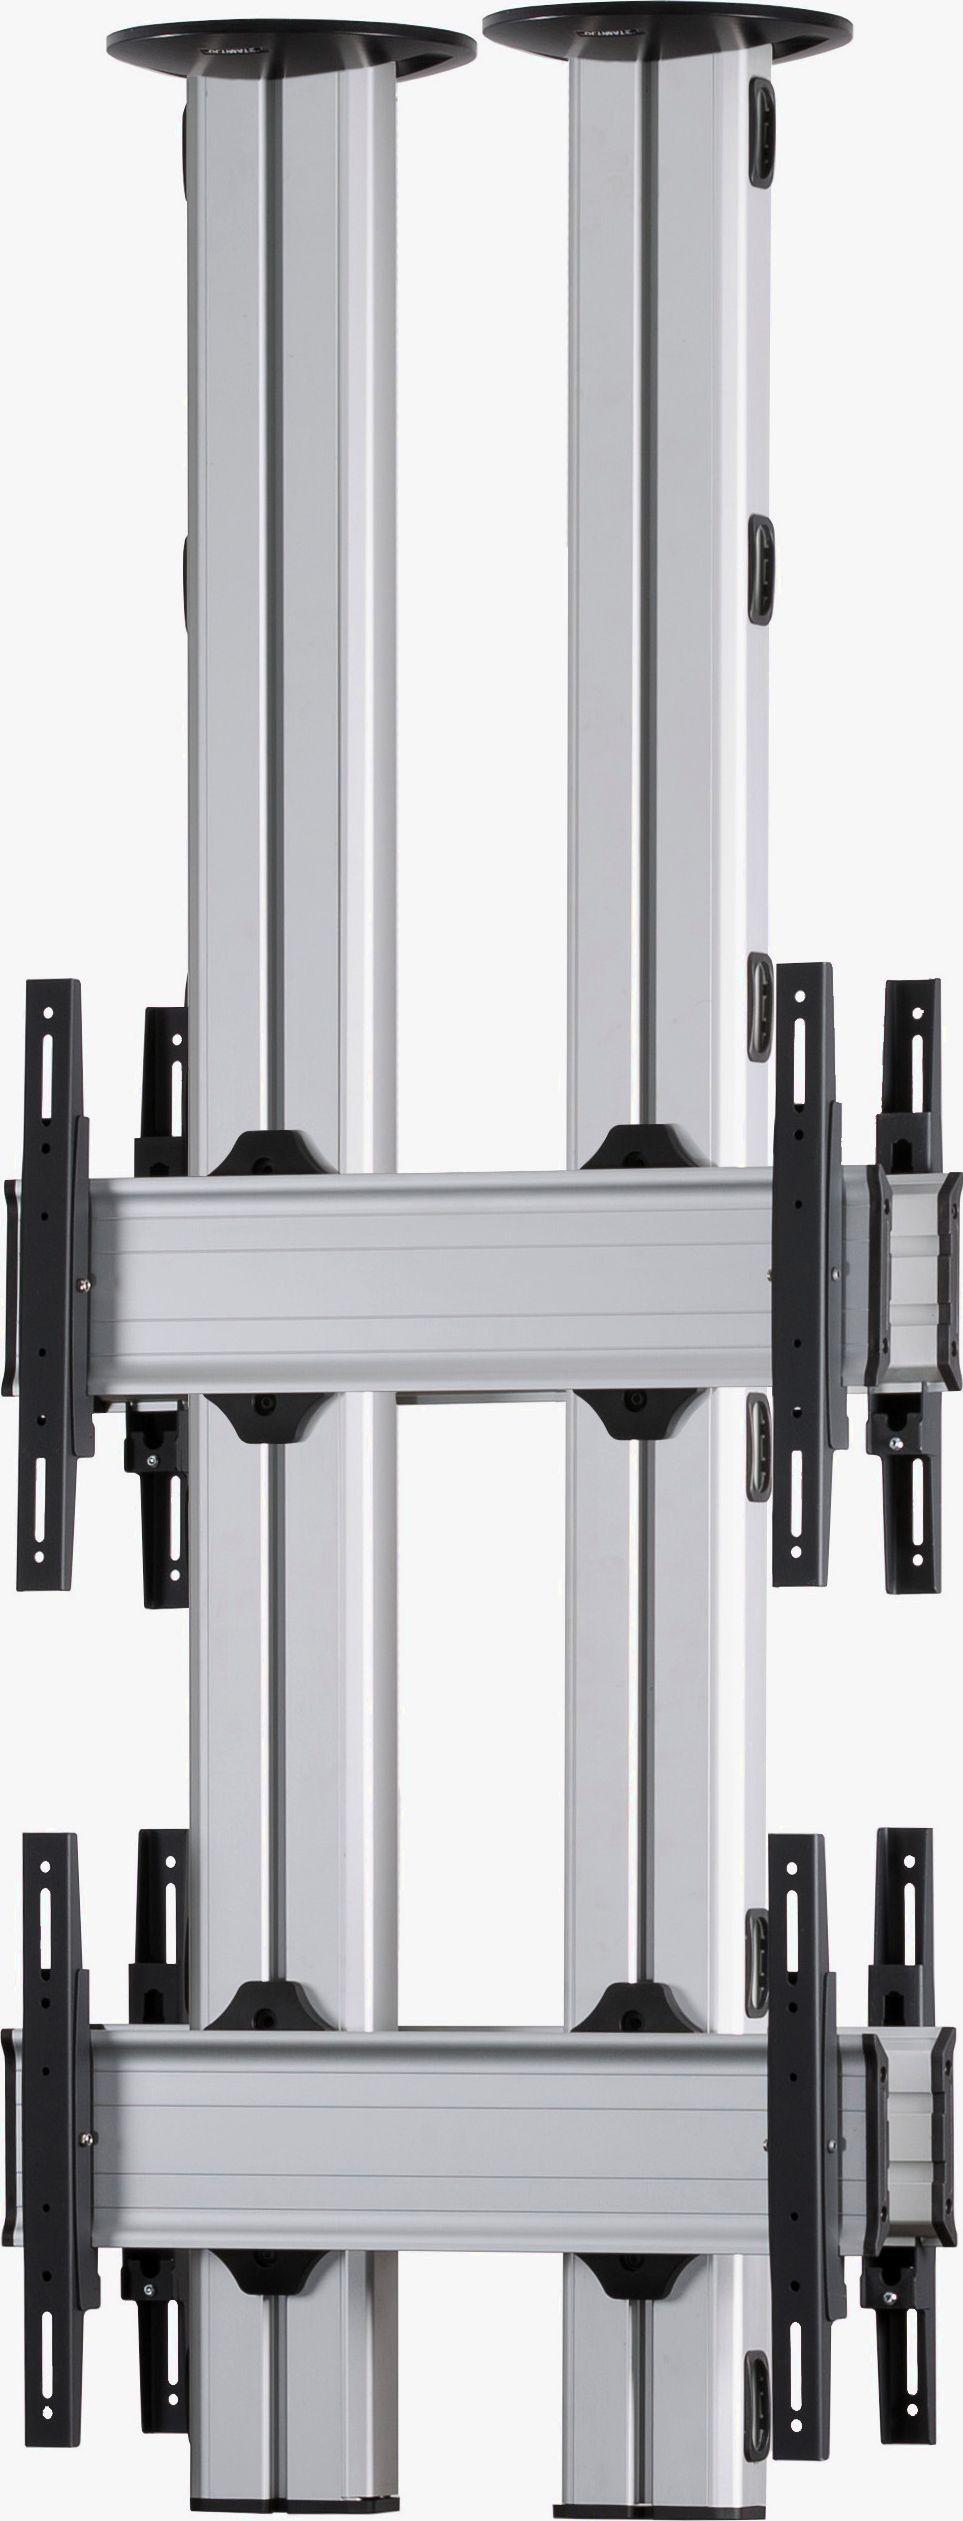 4 Displays 2x1 beidseitig, für große Bildschirme, Standard-VESA, zur Deckenbefestigung